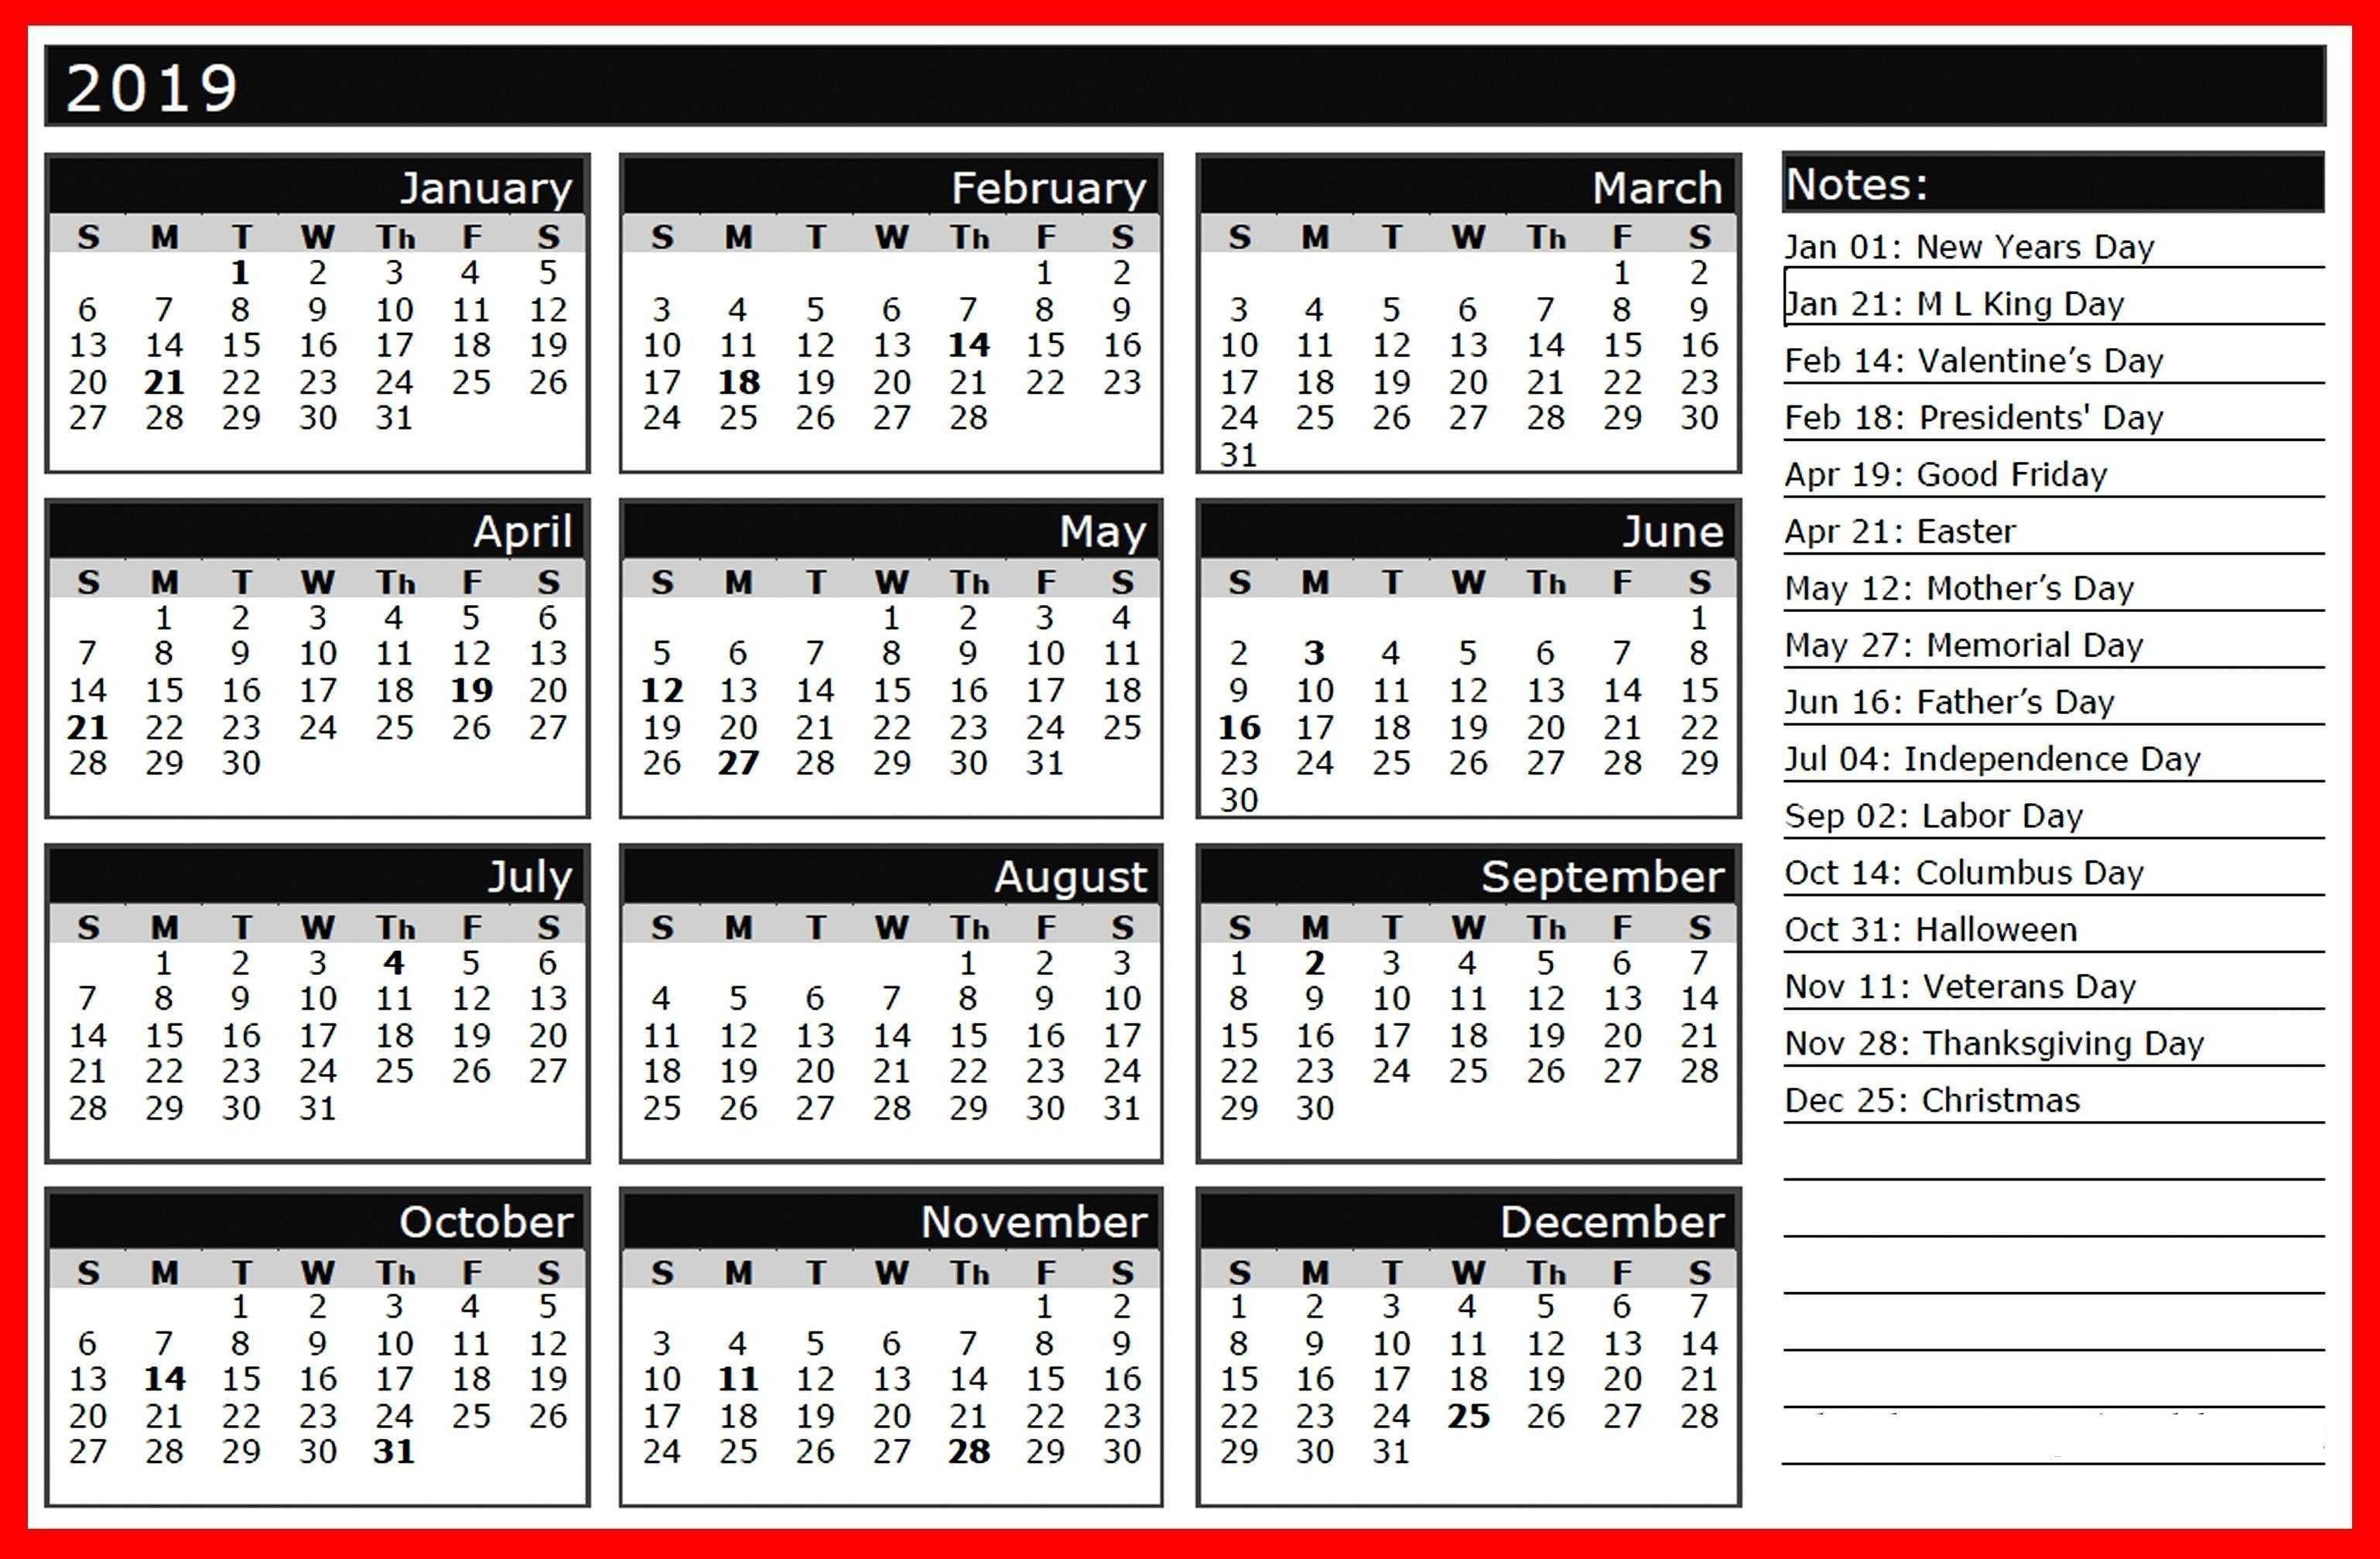 March 2019 Calendar Lala Ramswaroop Más Caliente News Flash Connected with Lala Ramswaroop Calendar 2019 Download Pdf Of March 2019 Calendar Lala Ramswaroop Más Recientemente Liberado Media to Get Lala Ramswaroop Calendar 2019 Pdf Download Calendar